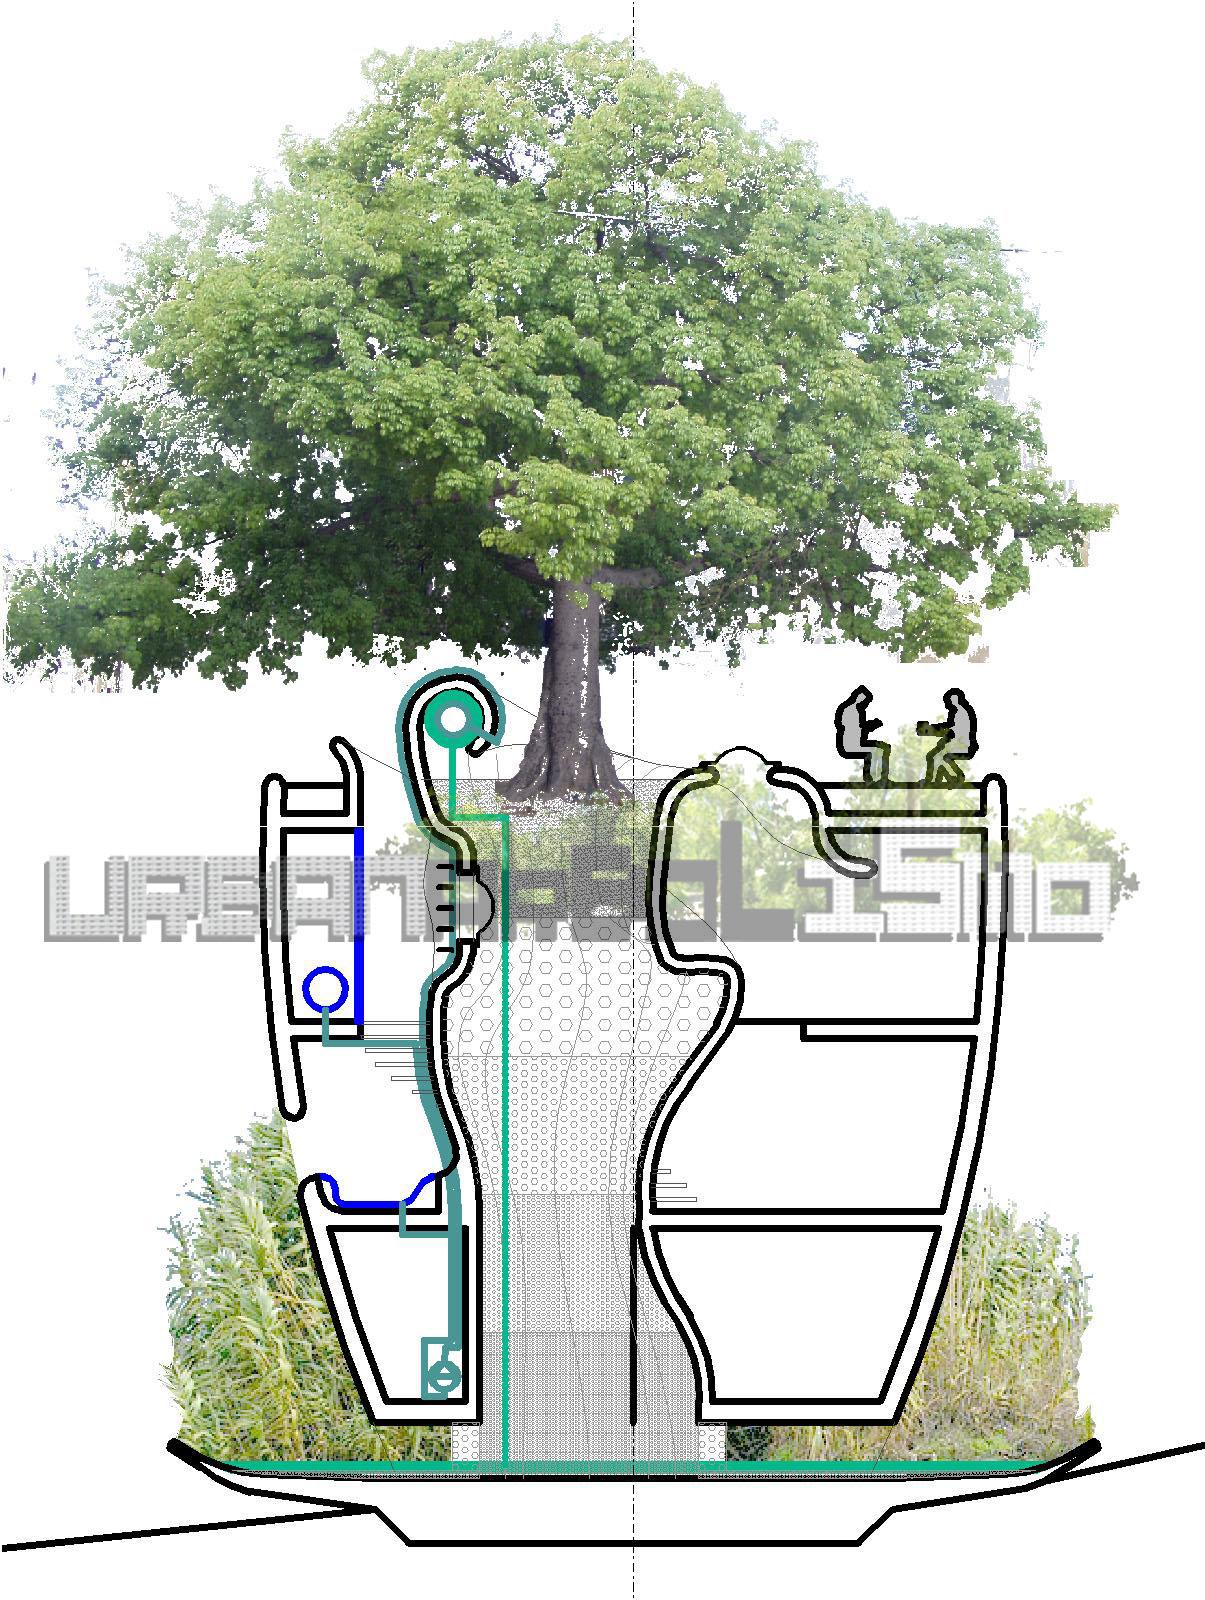 Vivienda depuradora versi n 1 0 urbanarbolismo for Casa vivienda jardin pdf